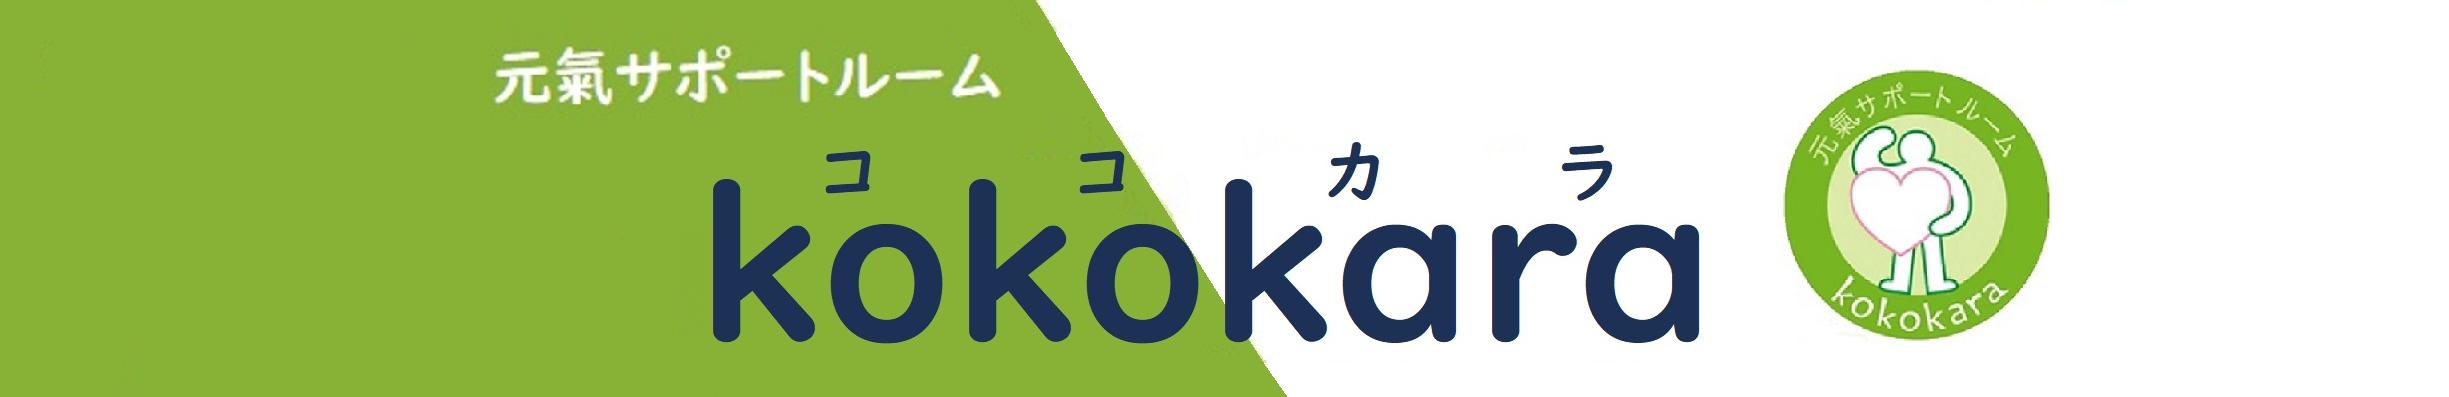 元氣サポートルームkokokara|こころとからだ